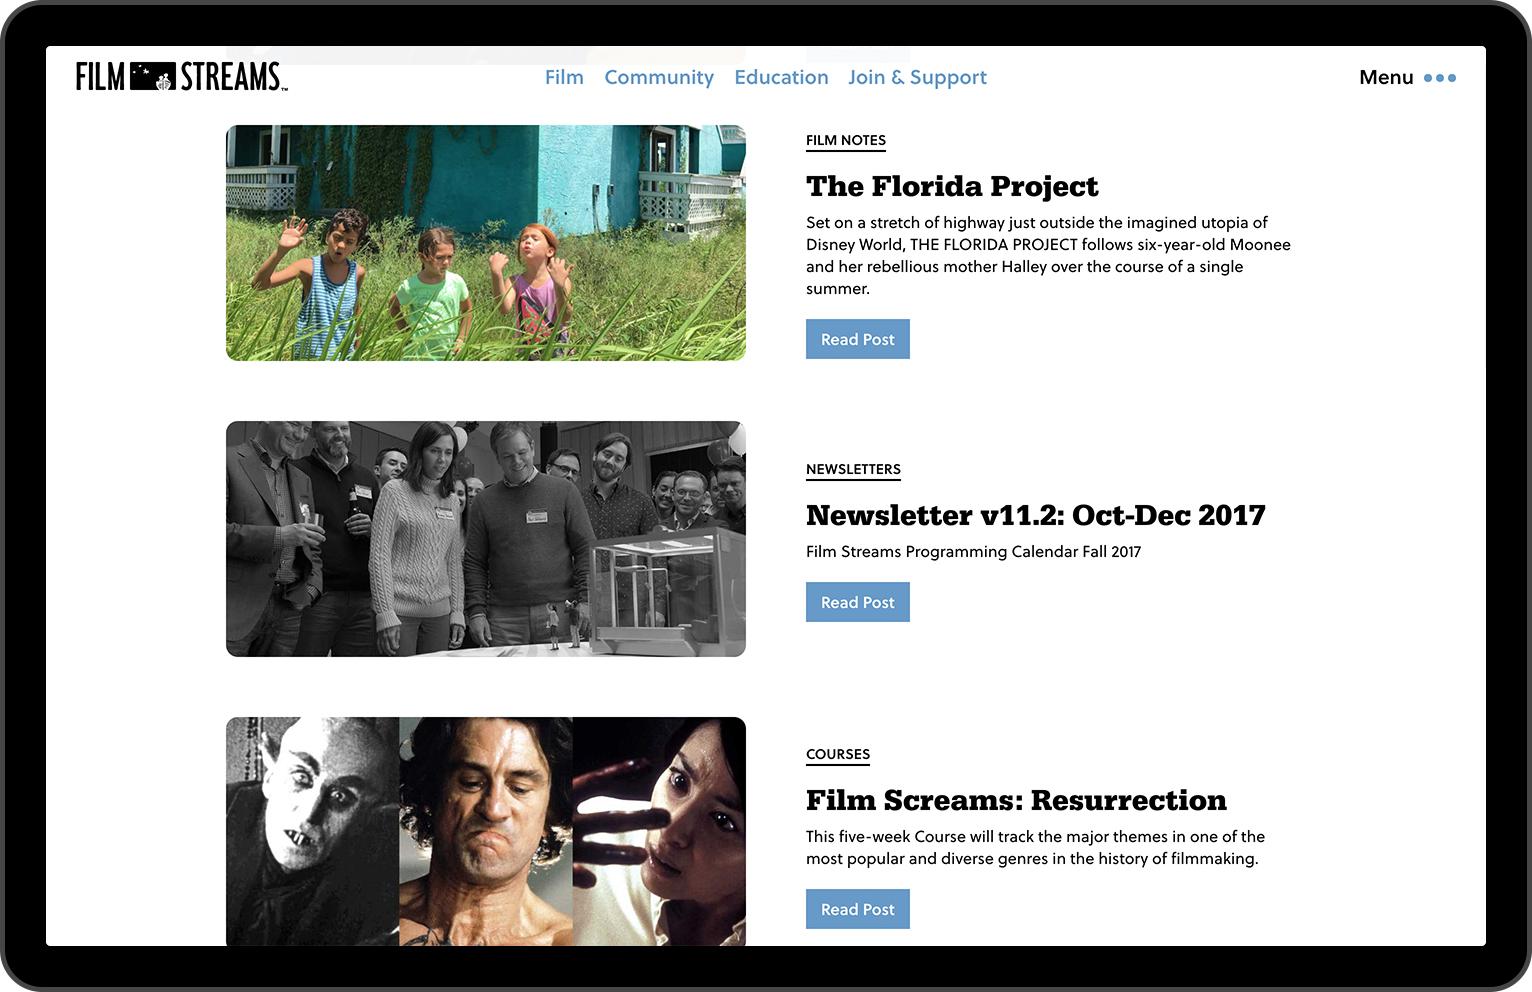 jkdc_filmstreams-desktop-news.jpg